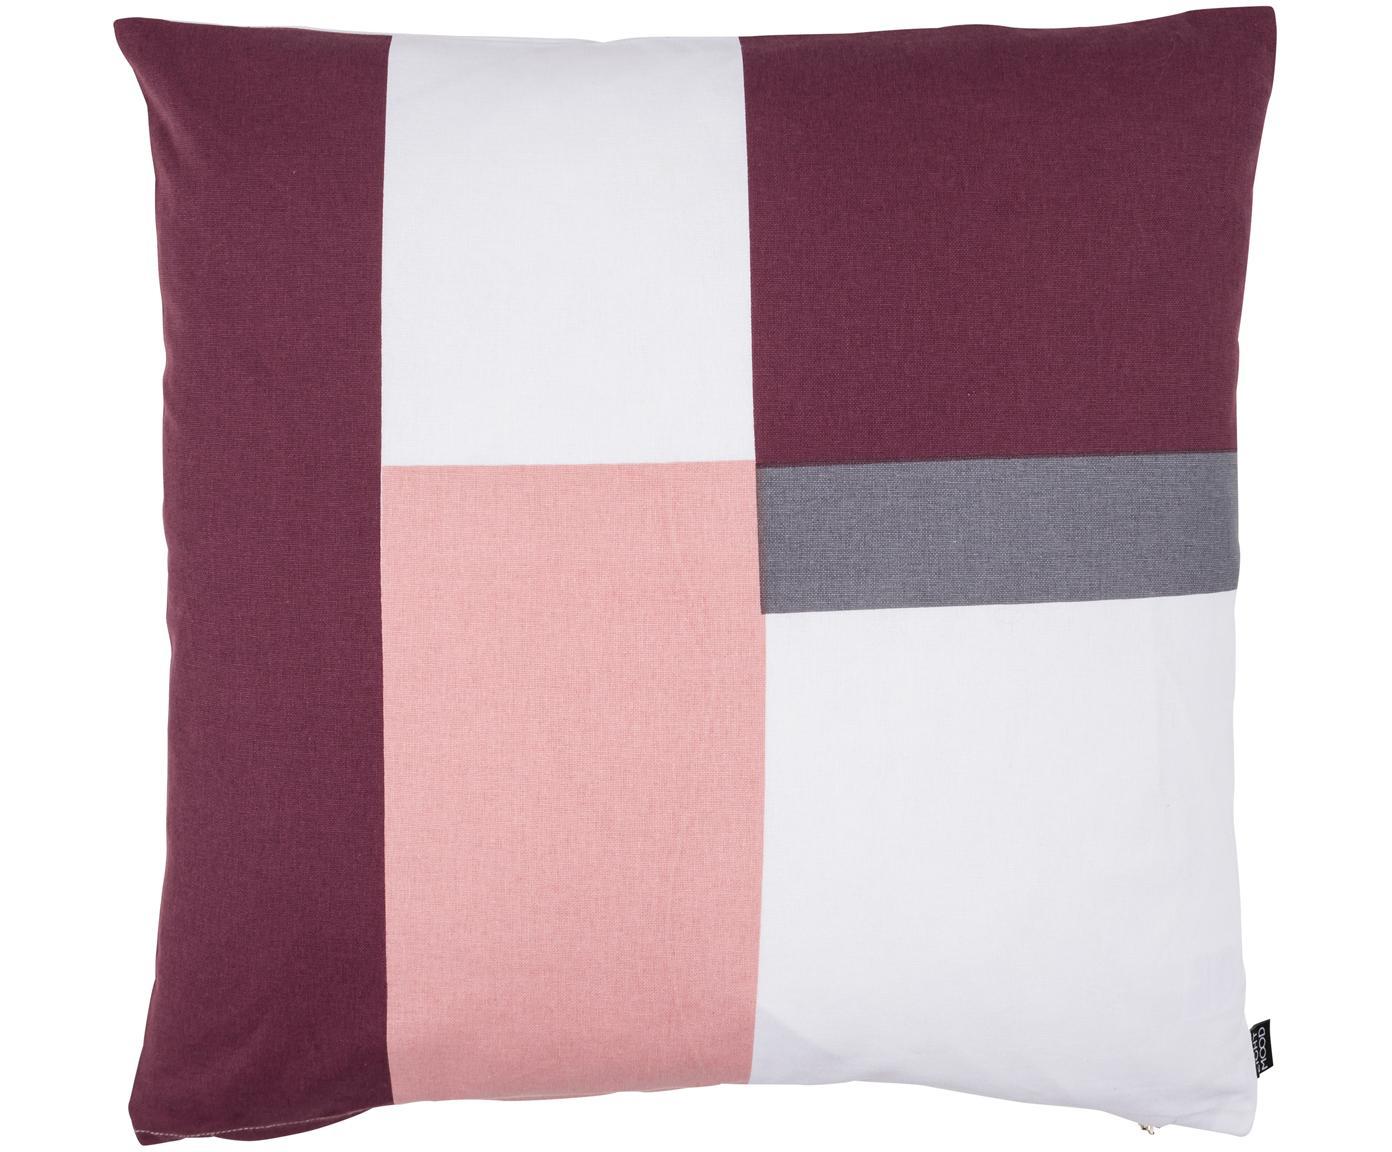 Wendekissen Cubo, mit Inlett, Bezug: 100% Baumwolle, Weinrot, Rosa, Weiß, Grau, 50 x 50 cm